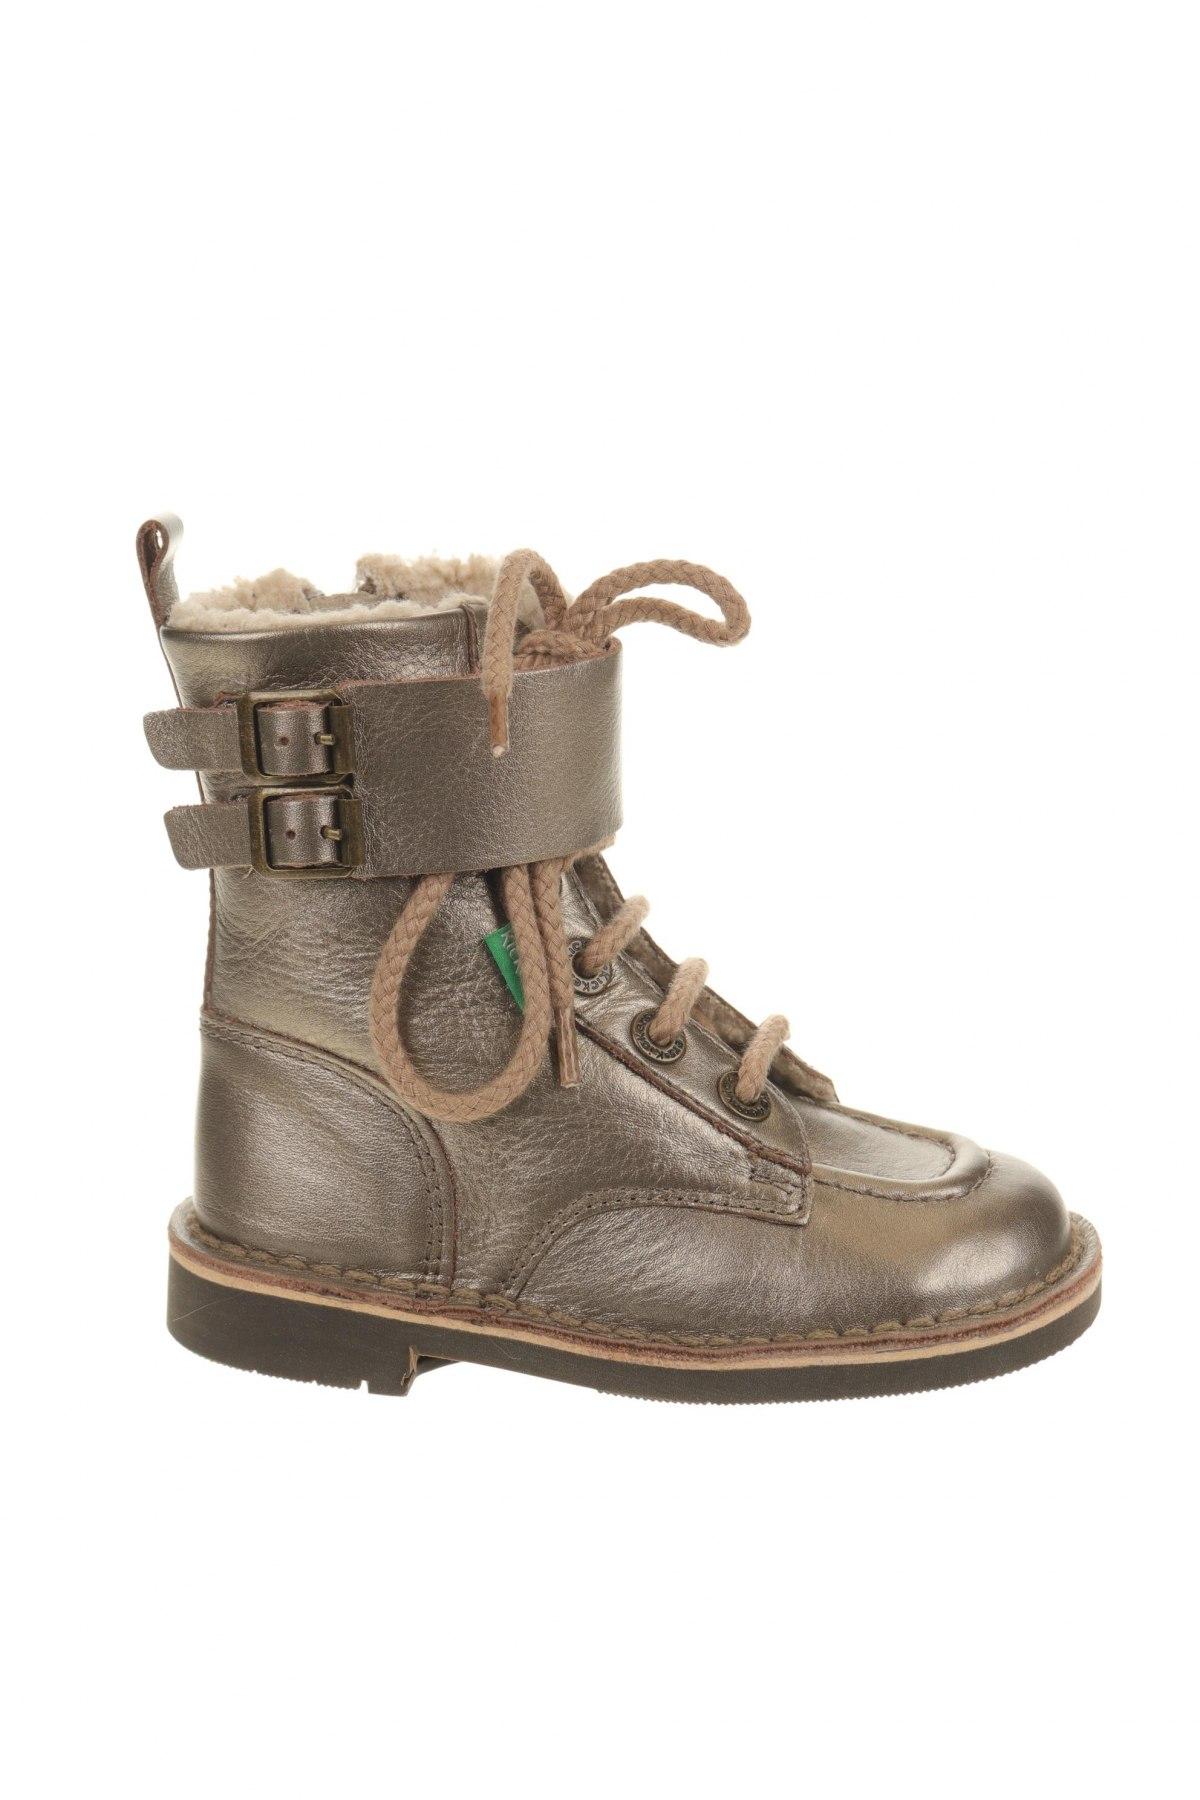 Παιδικά παπούτσια Kickers, Μέγεθος 26, Χρώμα Χρυσαφί, Γνήσιο δέρμα, Τιμή 38,27€